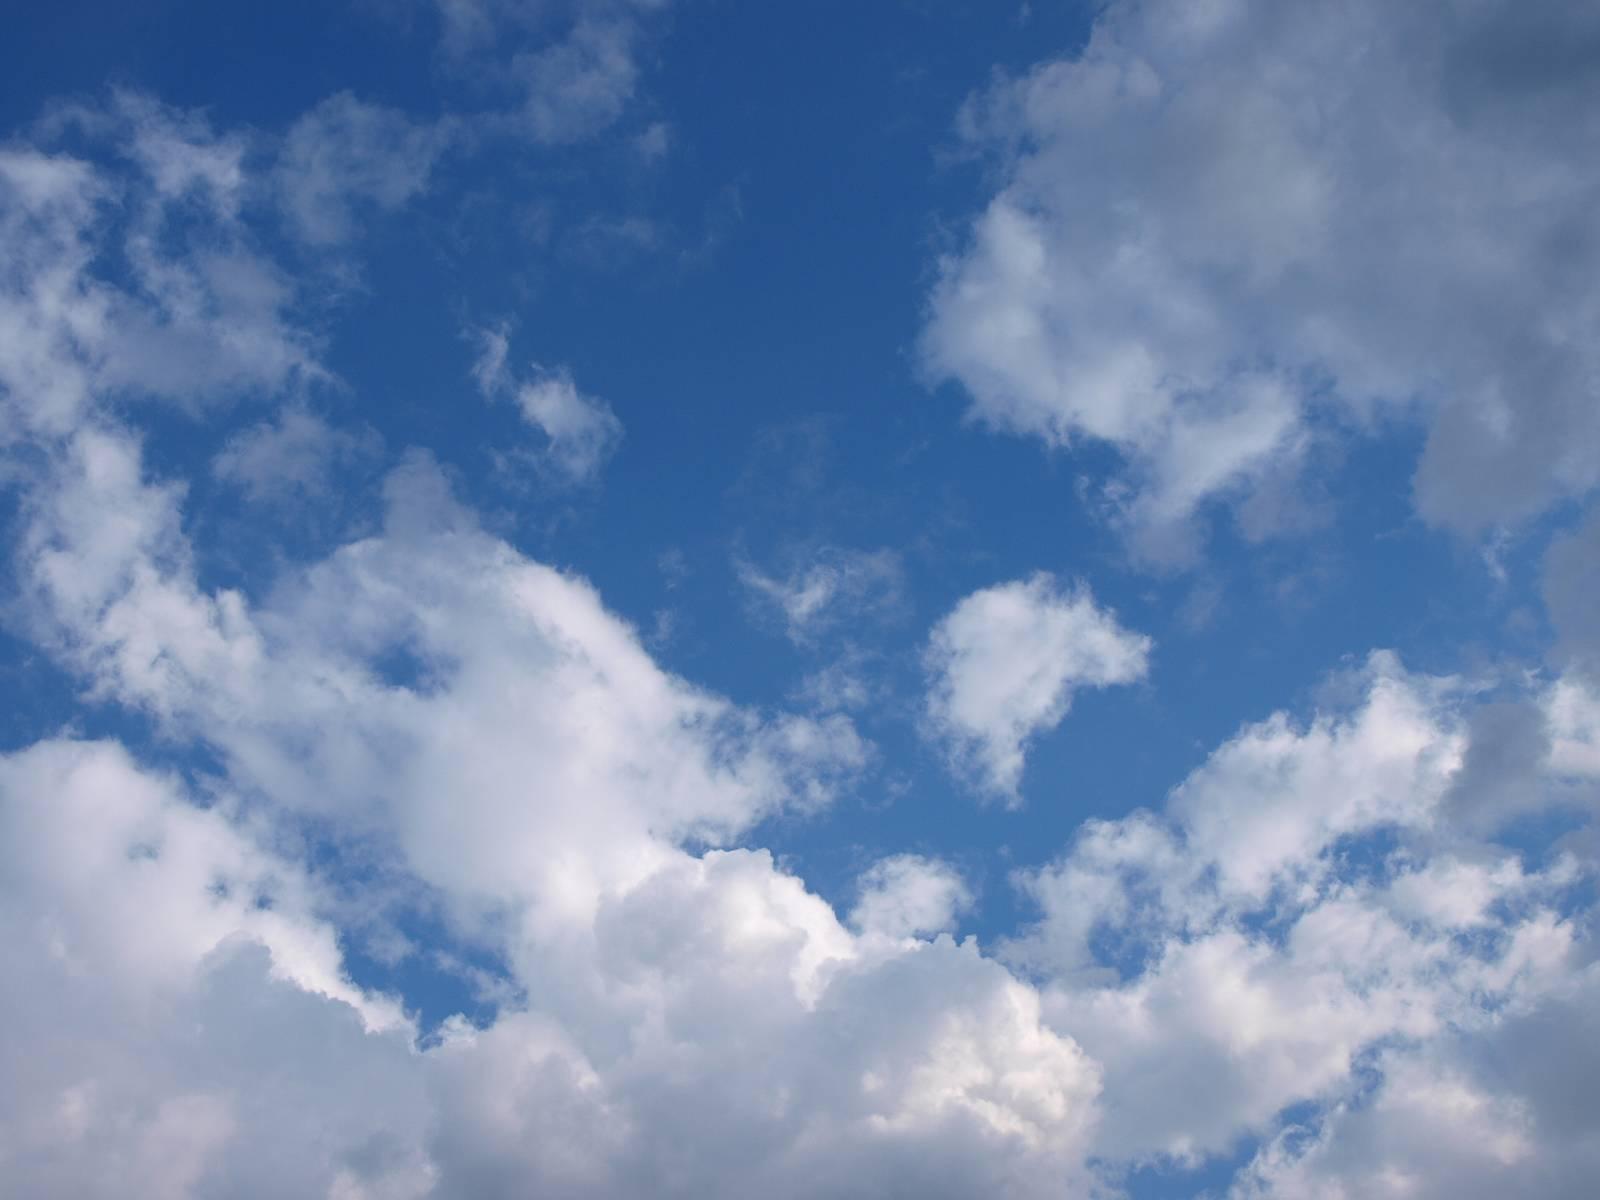 niebo_1600_x_1200